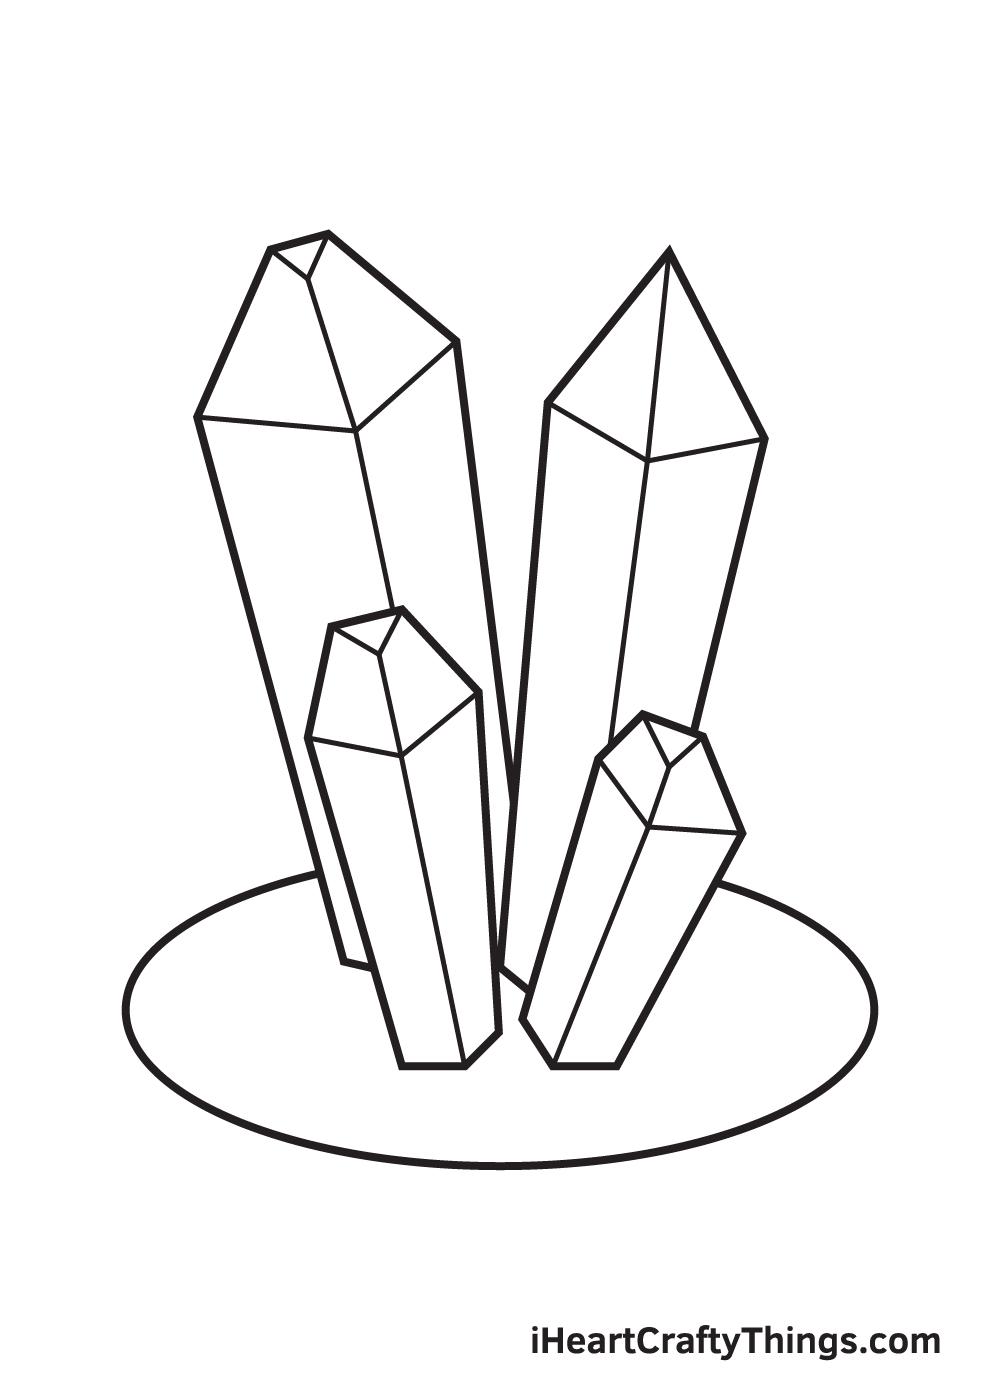 crystals drawing step 9